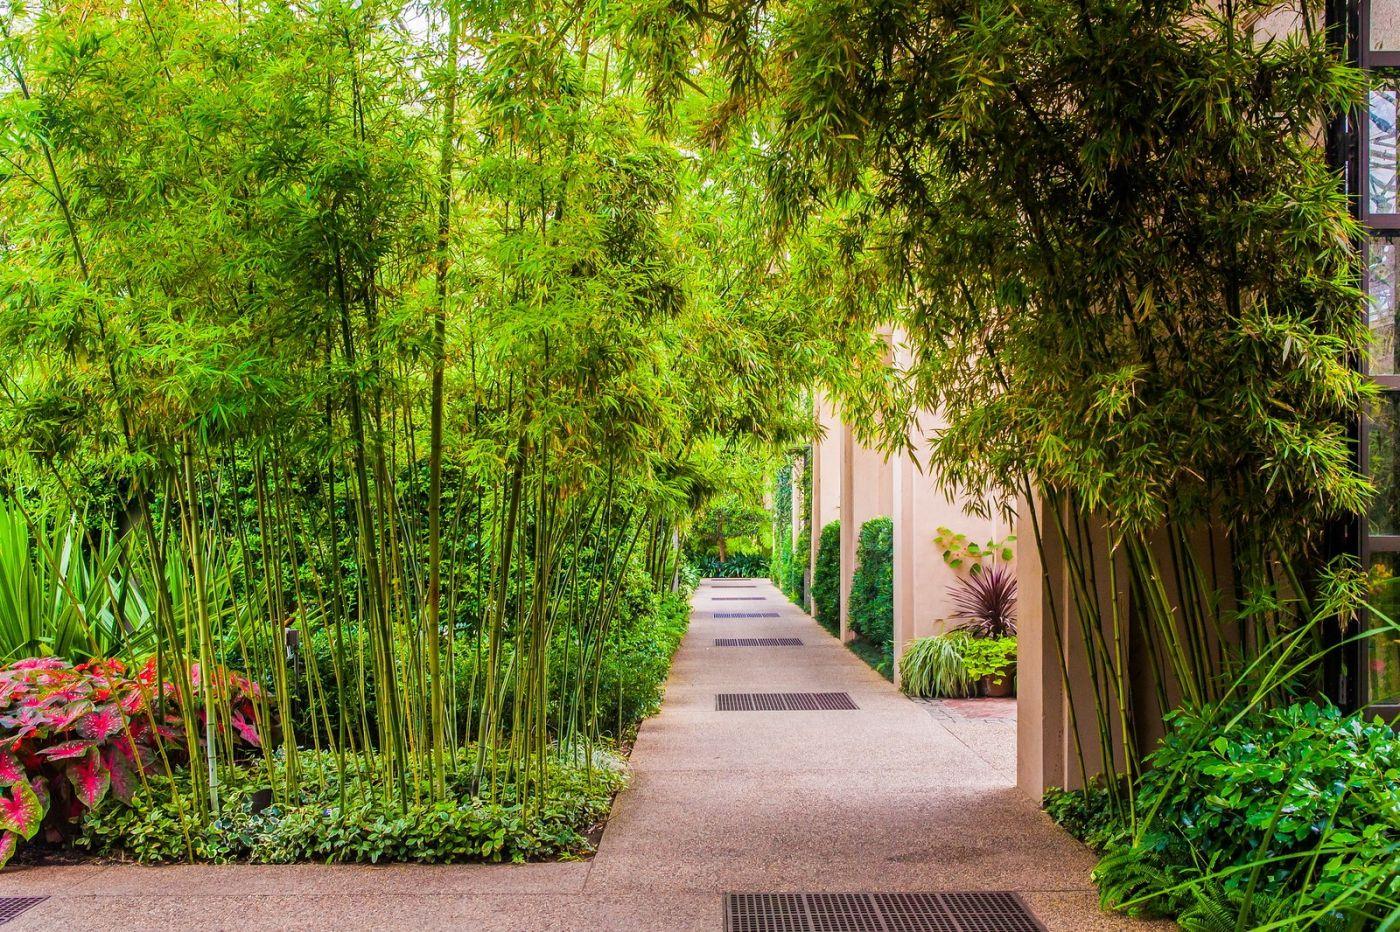 宾州长木公园,室内花园美如画_图1-4